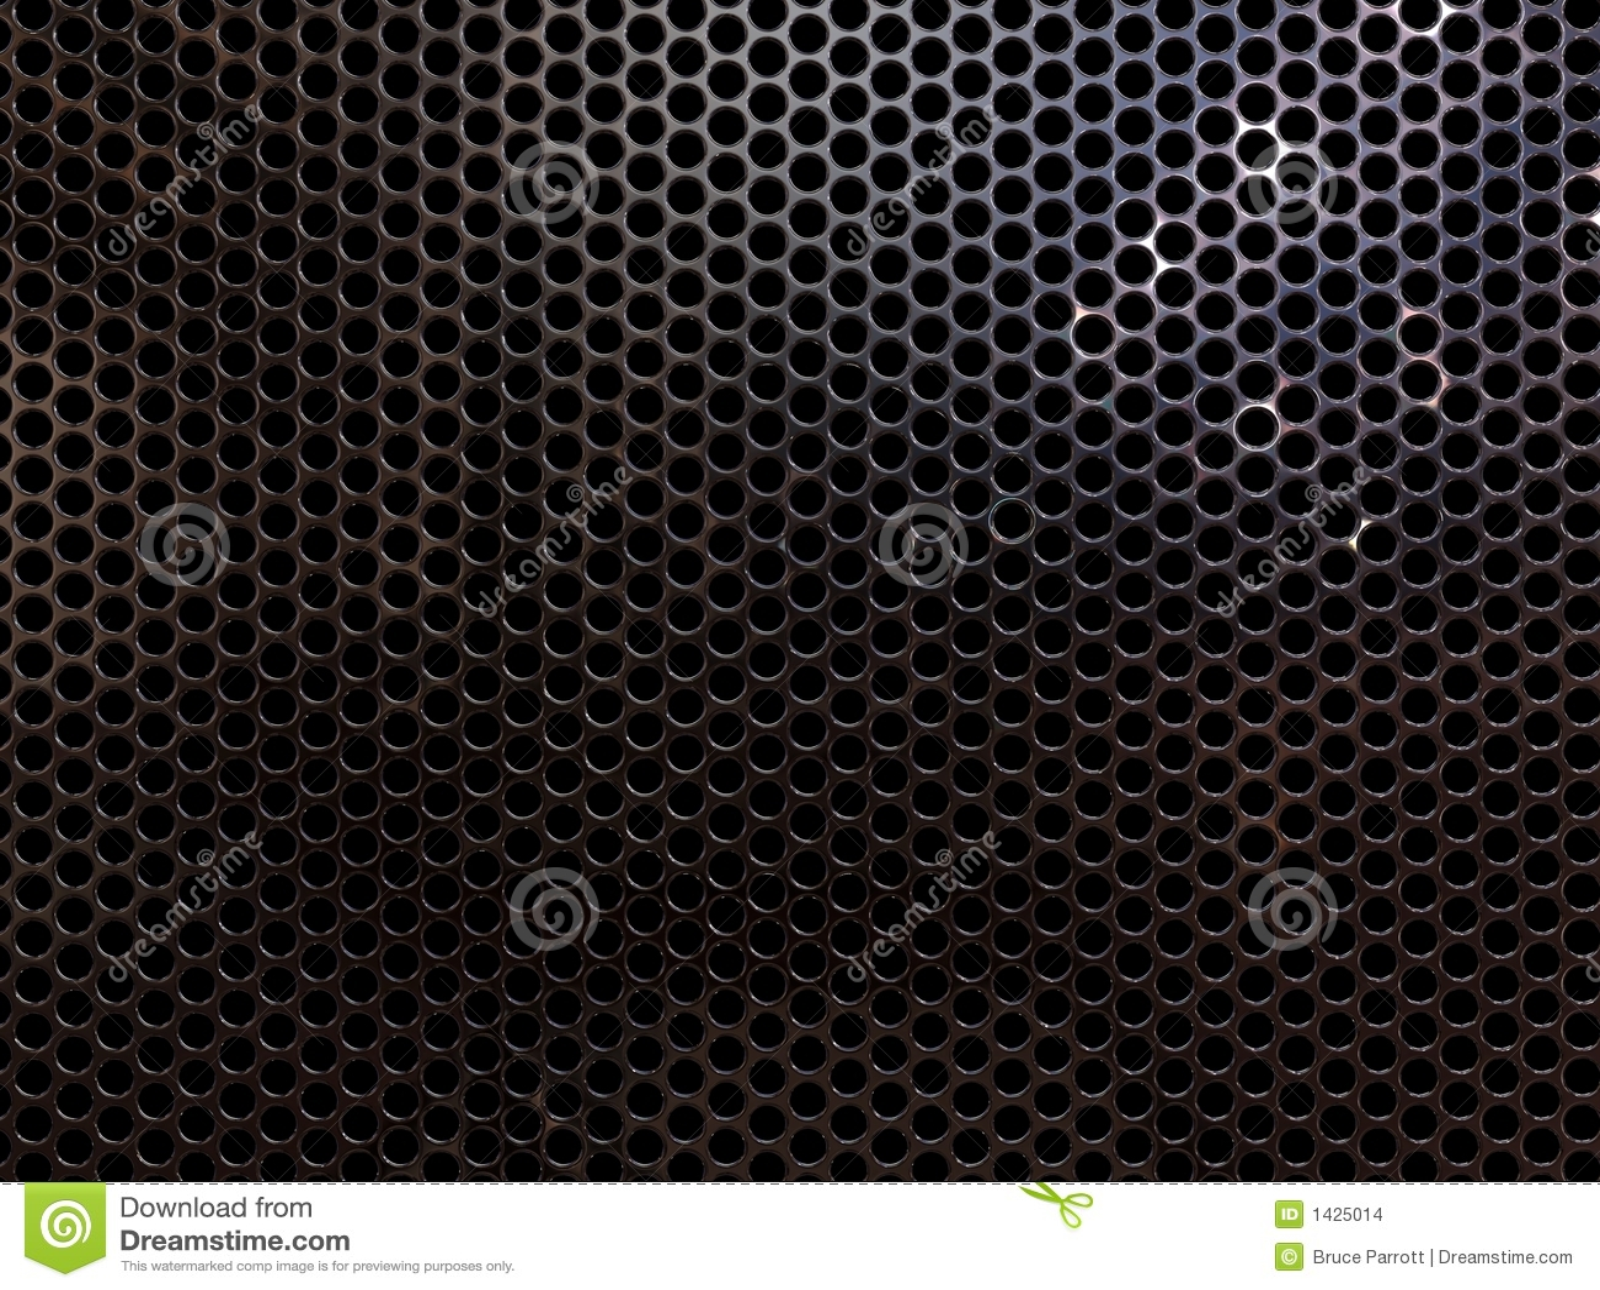 Download Metal grill stock illustration. Illustration of grid, speaker - 1425014